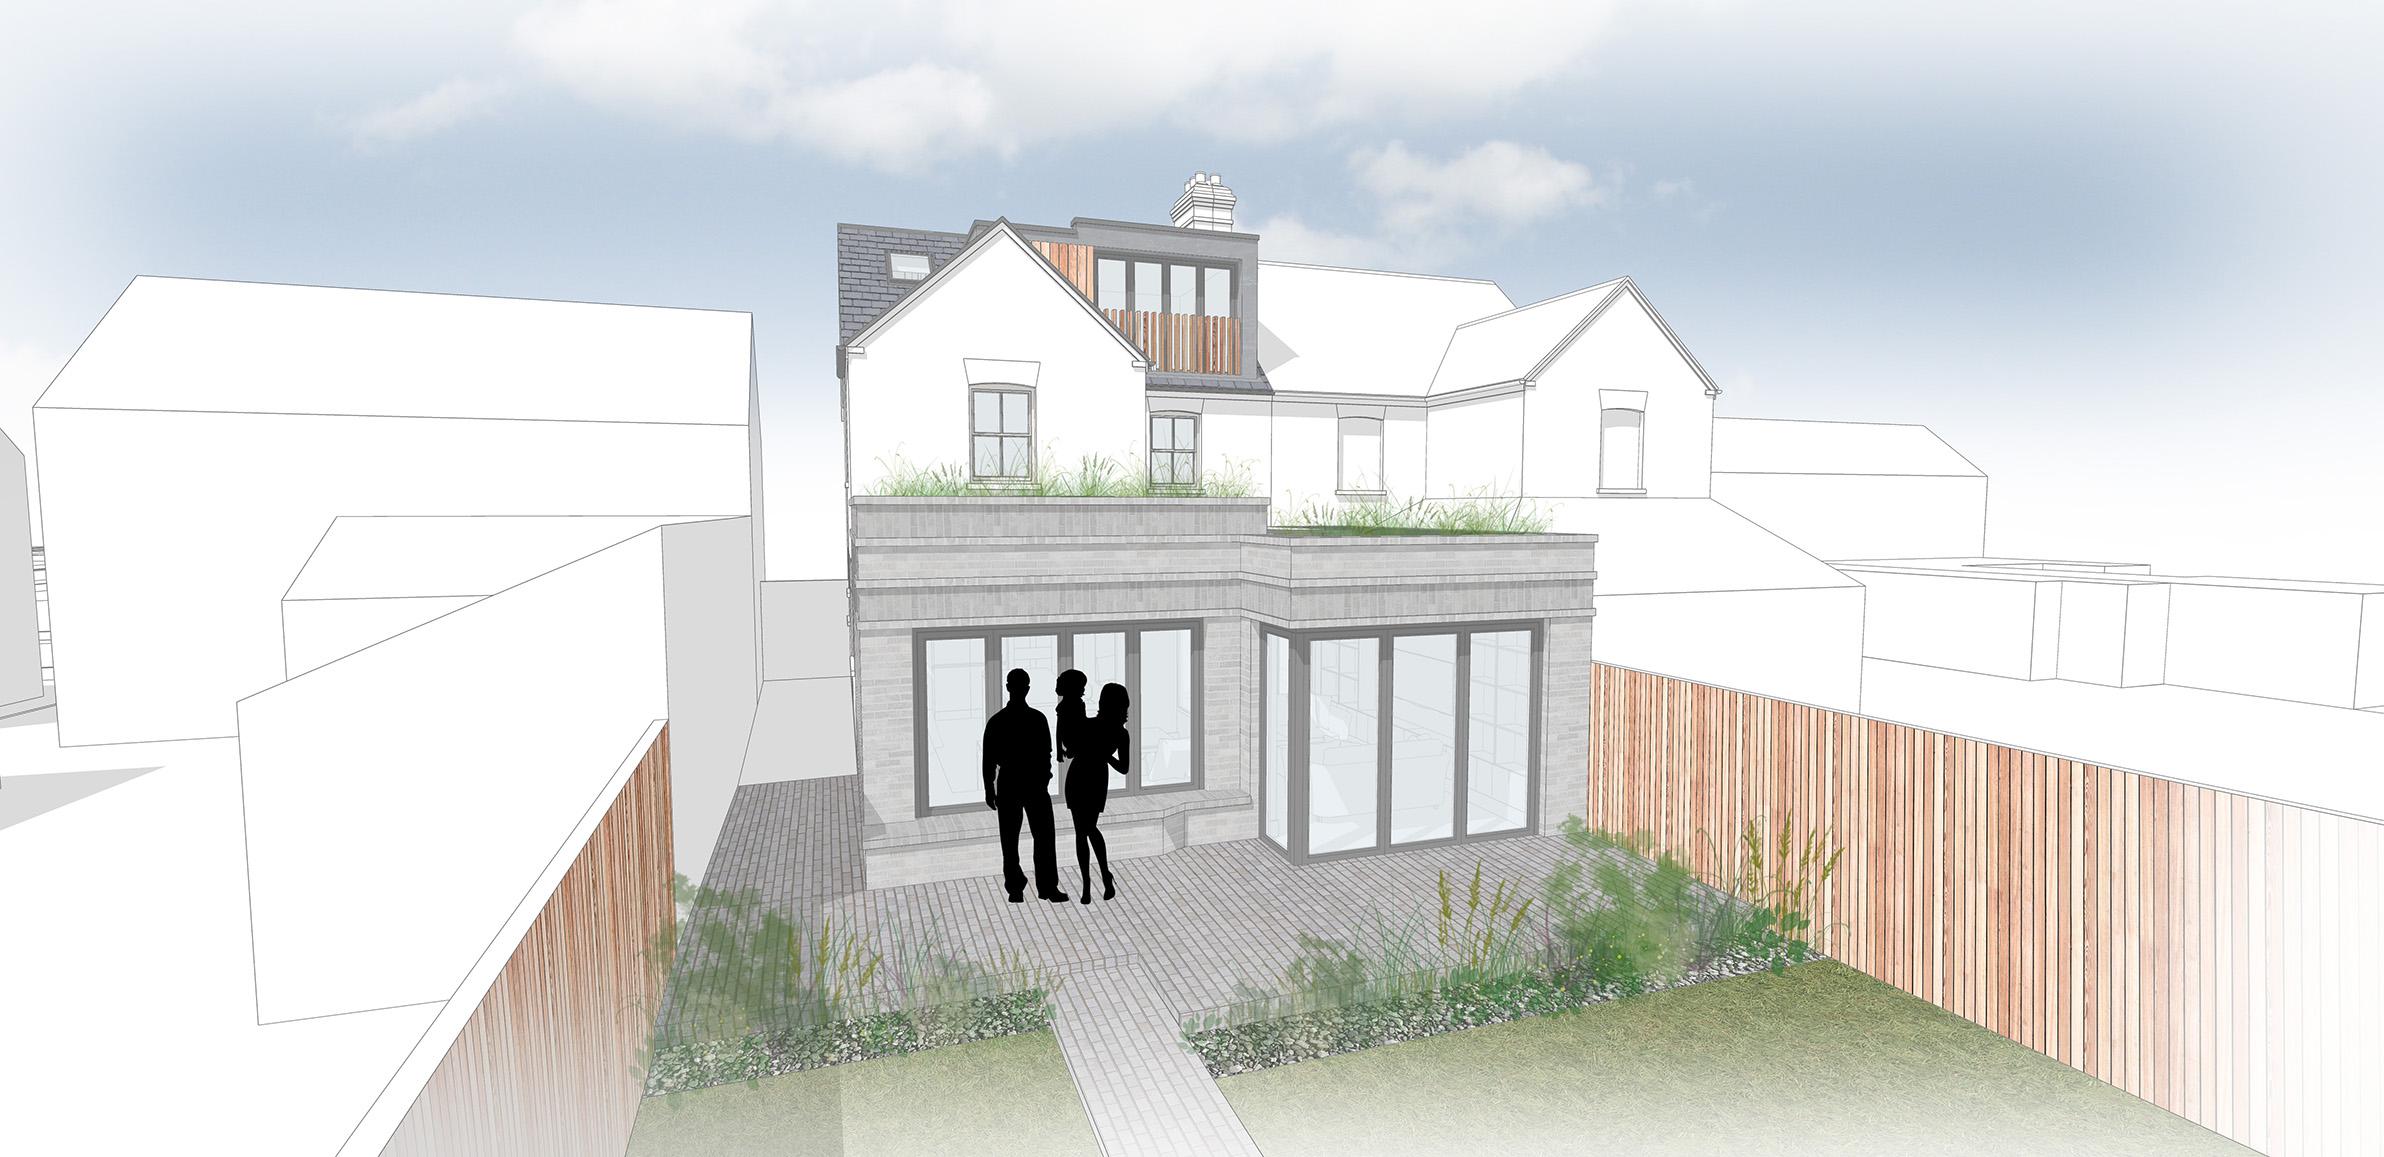 Planning scheme - Exterior shot 1